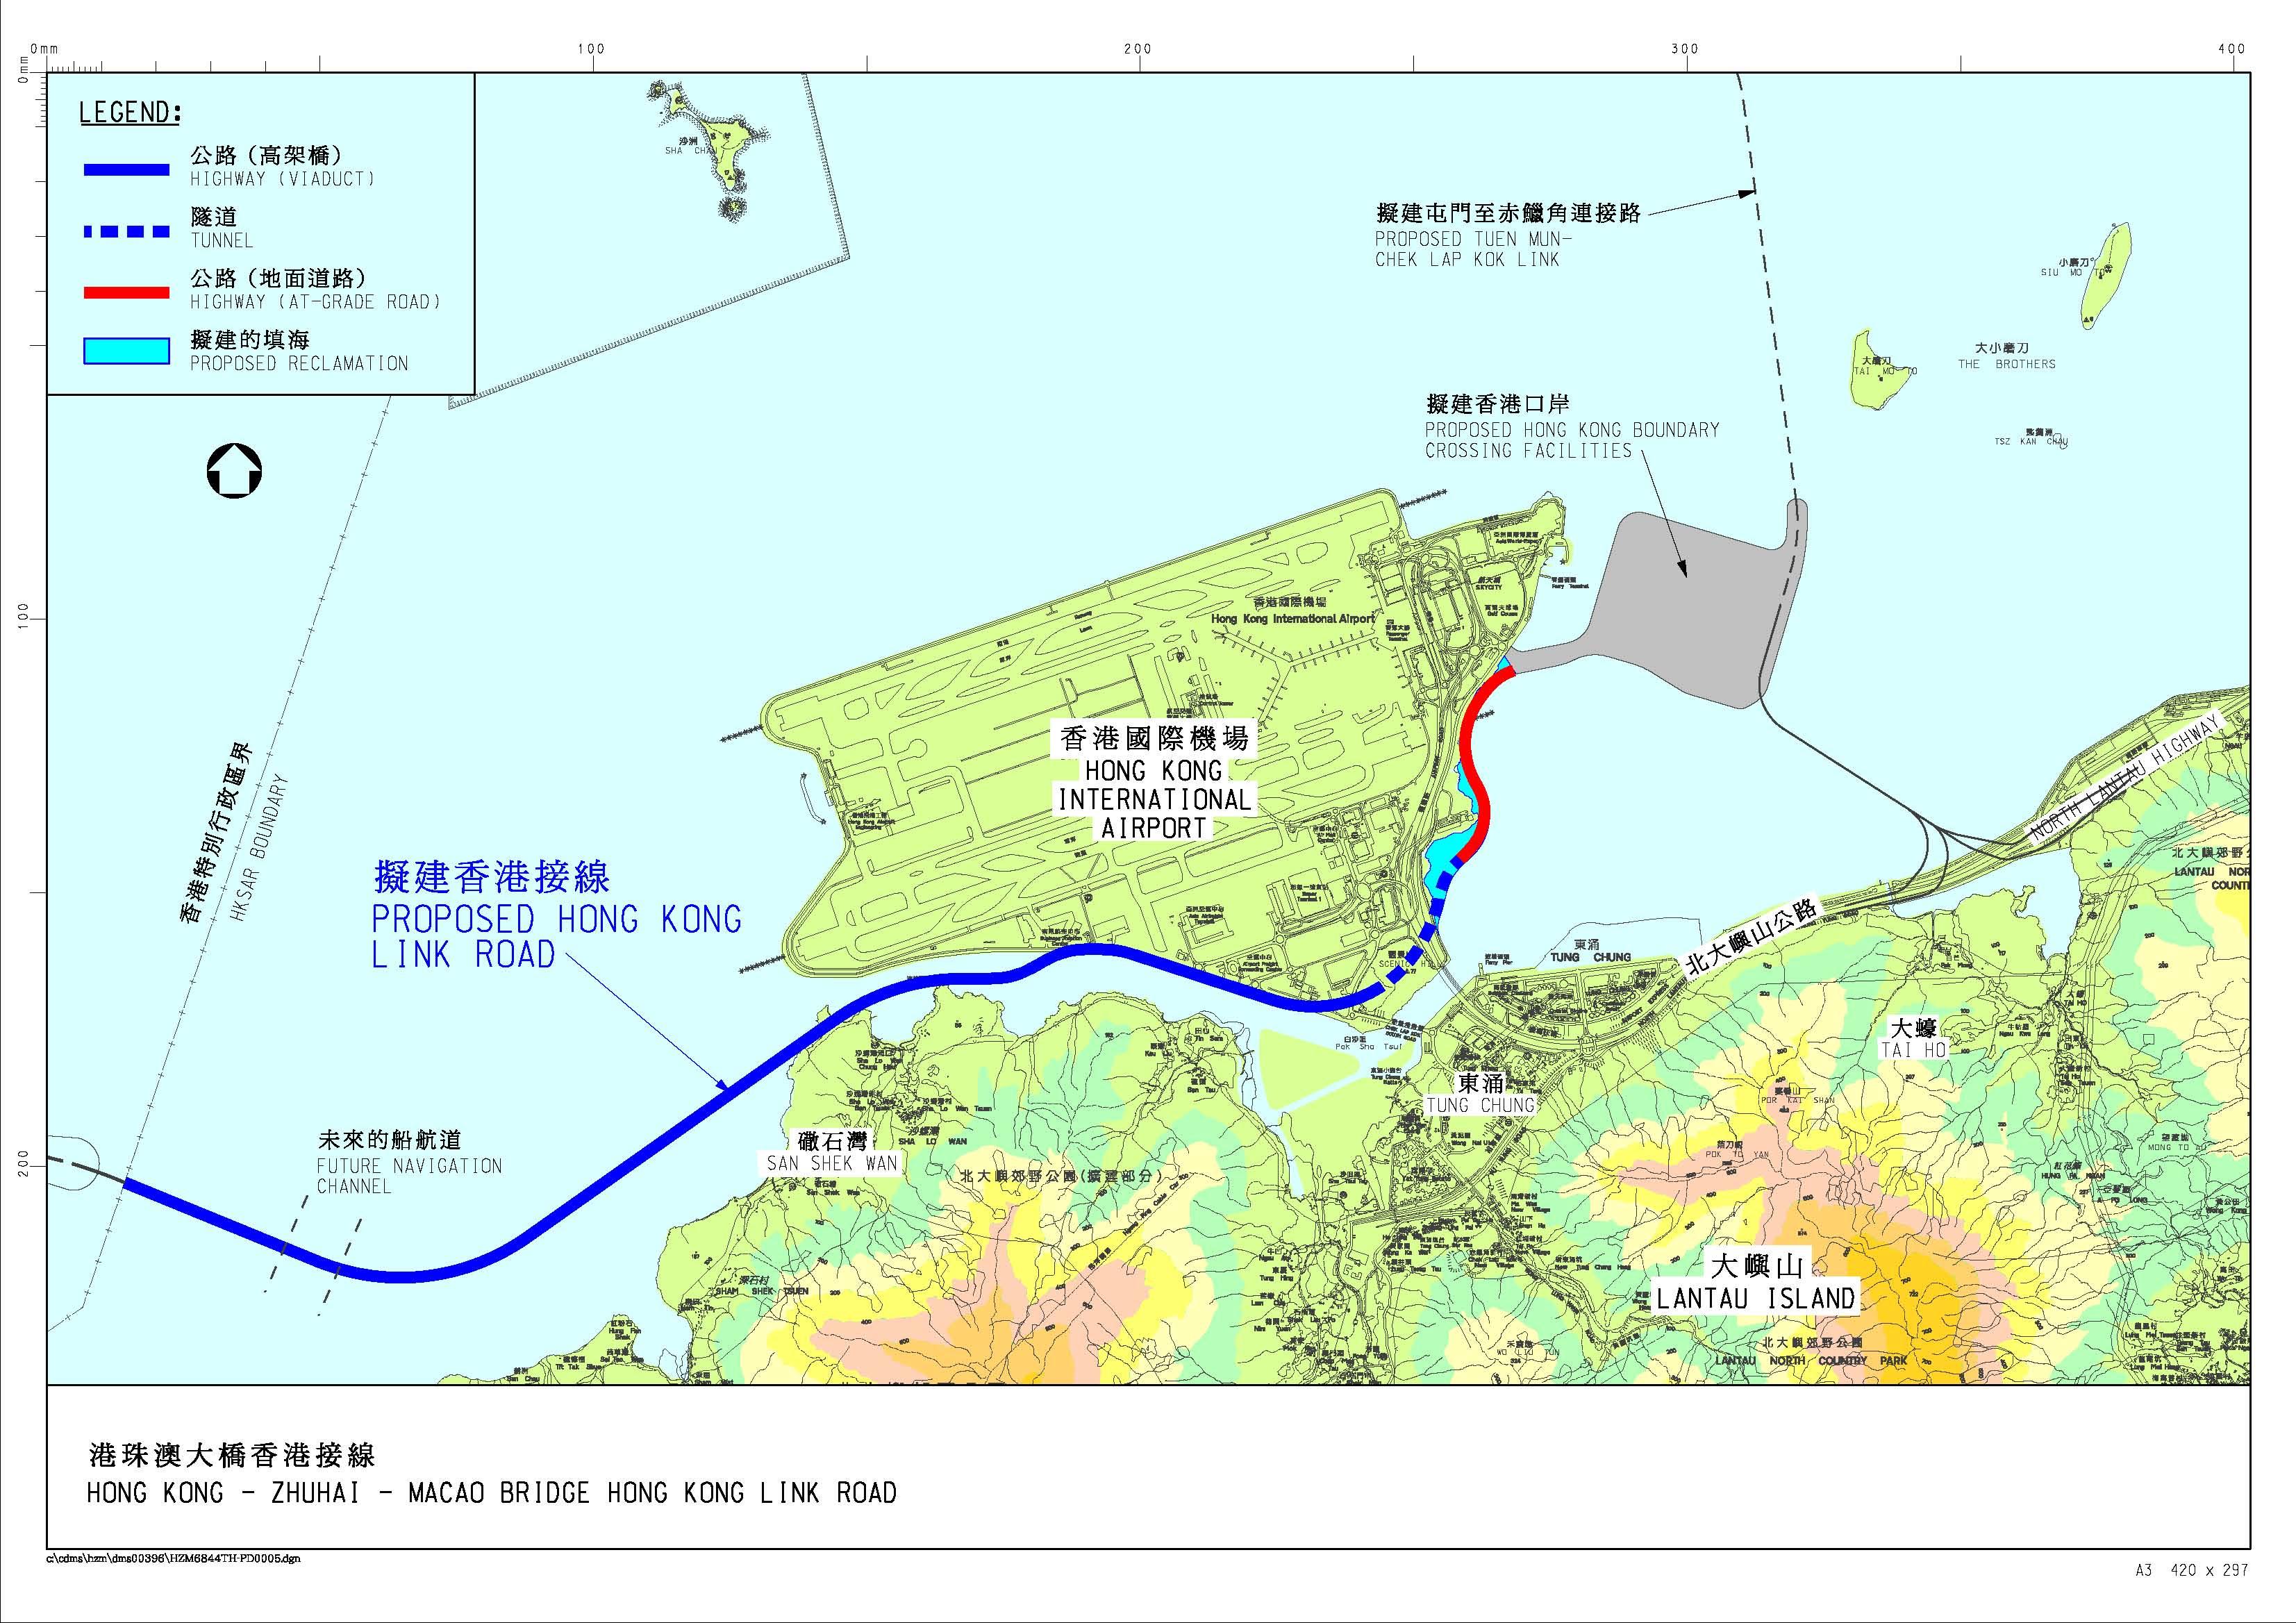 大桥香港接线图